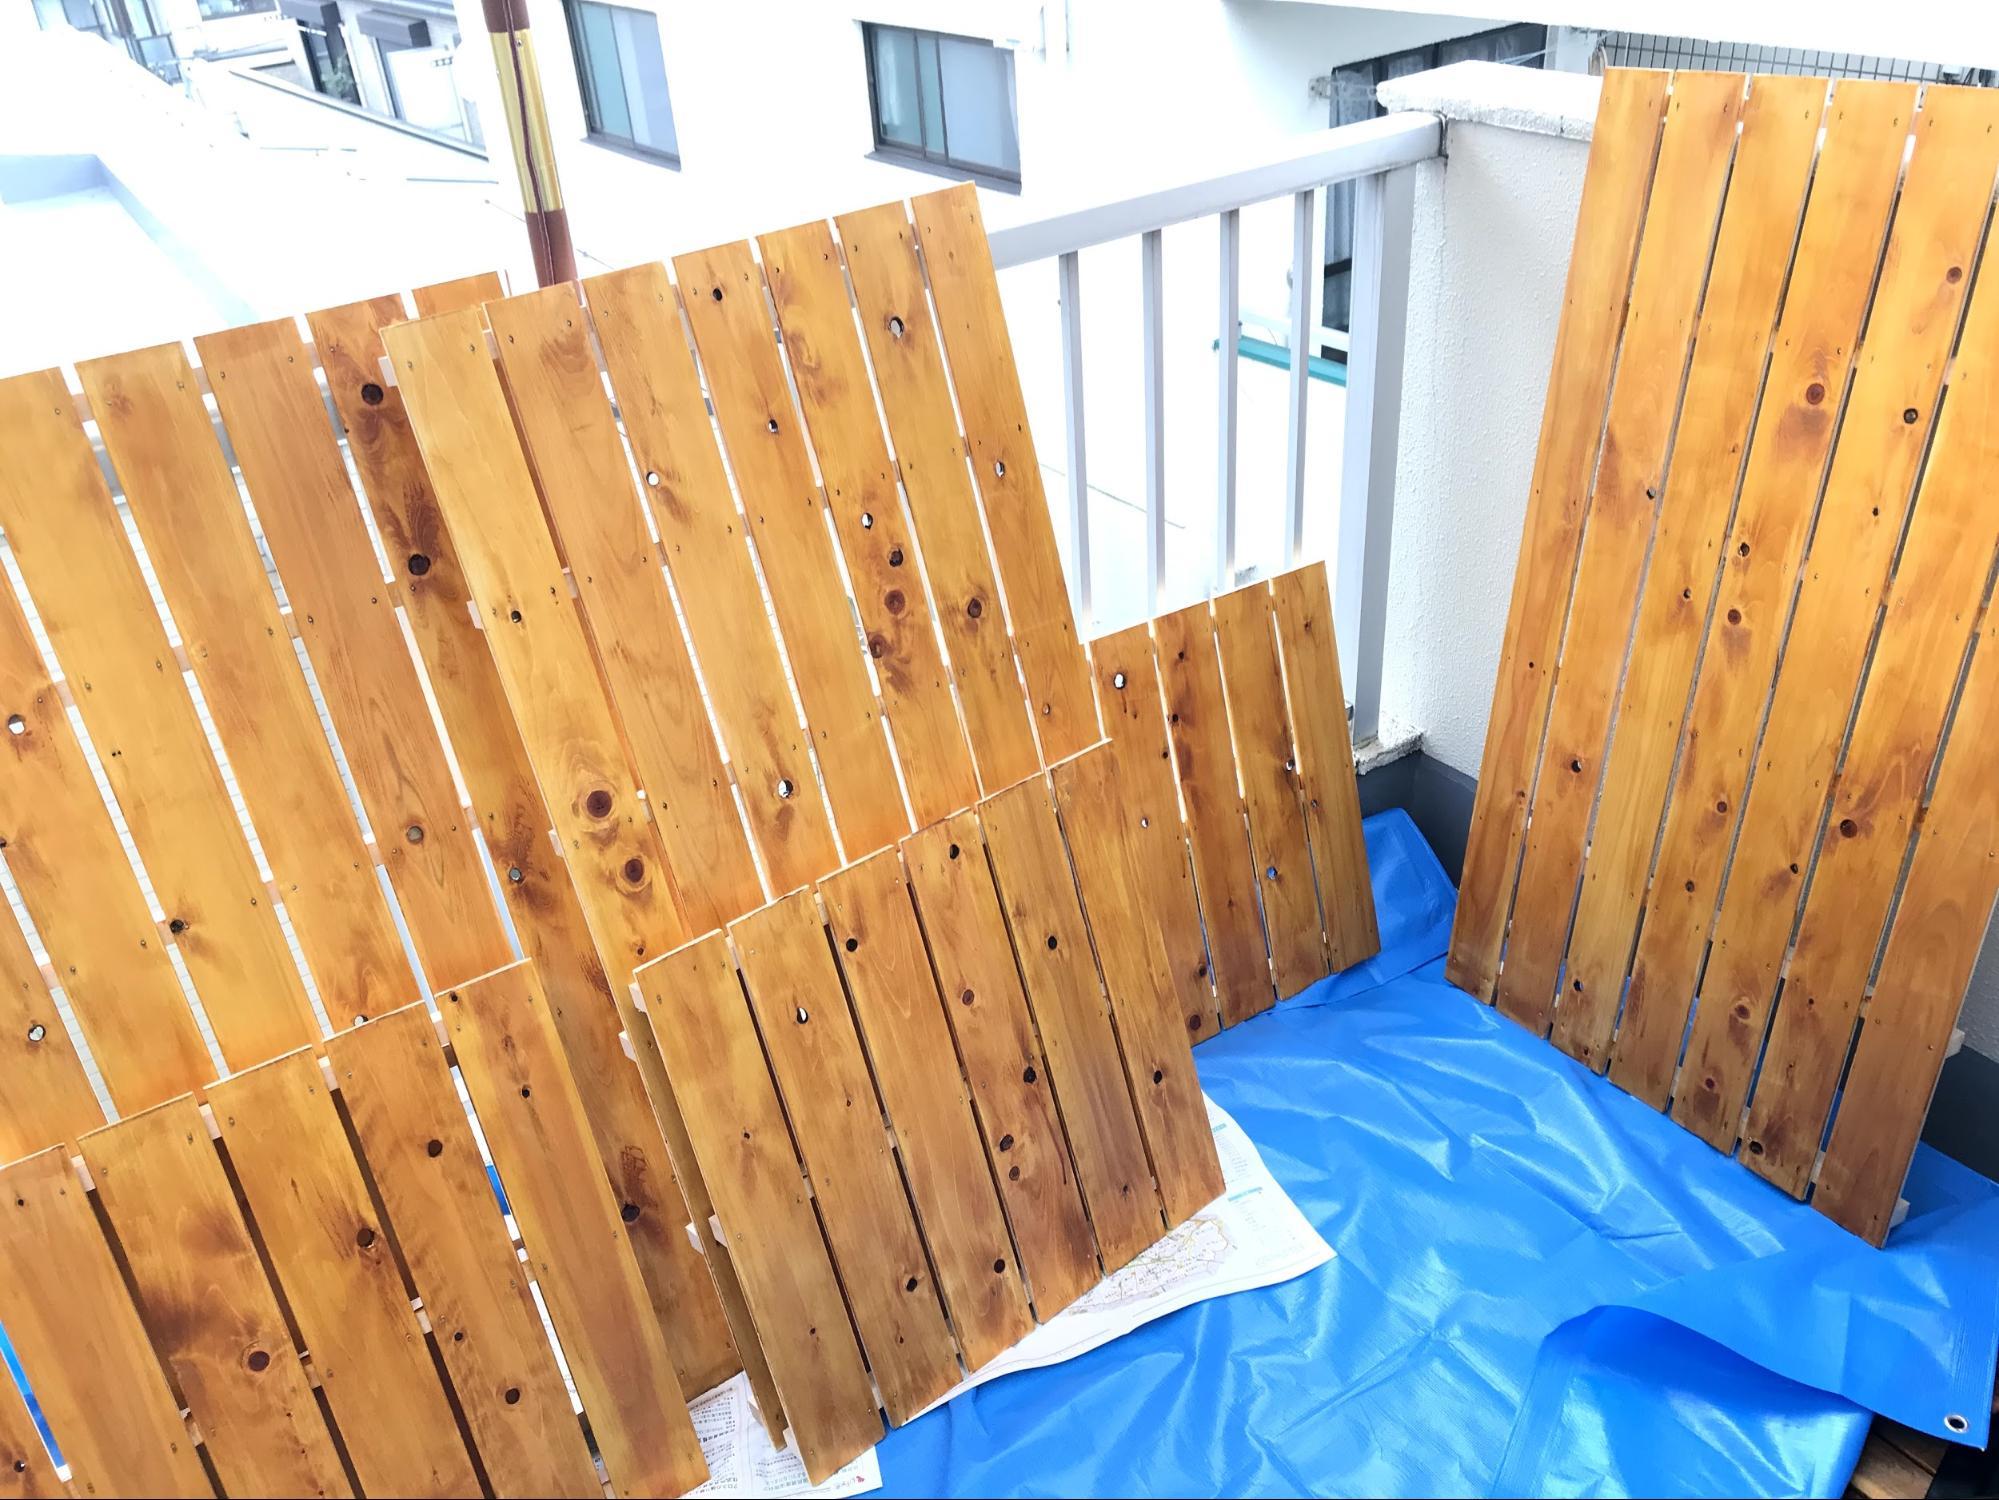 120×65cmの大きいサイズ3枚でパネル用のフェンスを作り、60×62cmサイズは目隠しのため手すりの一部に取り付けます